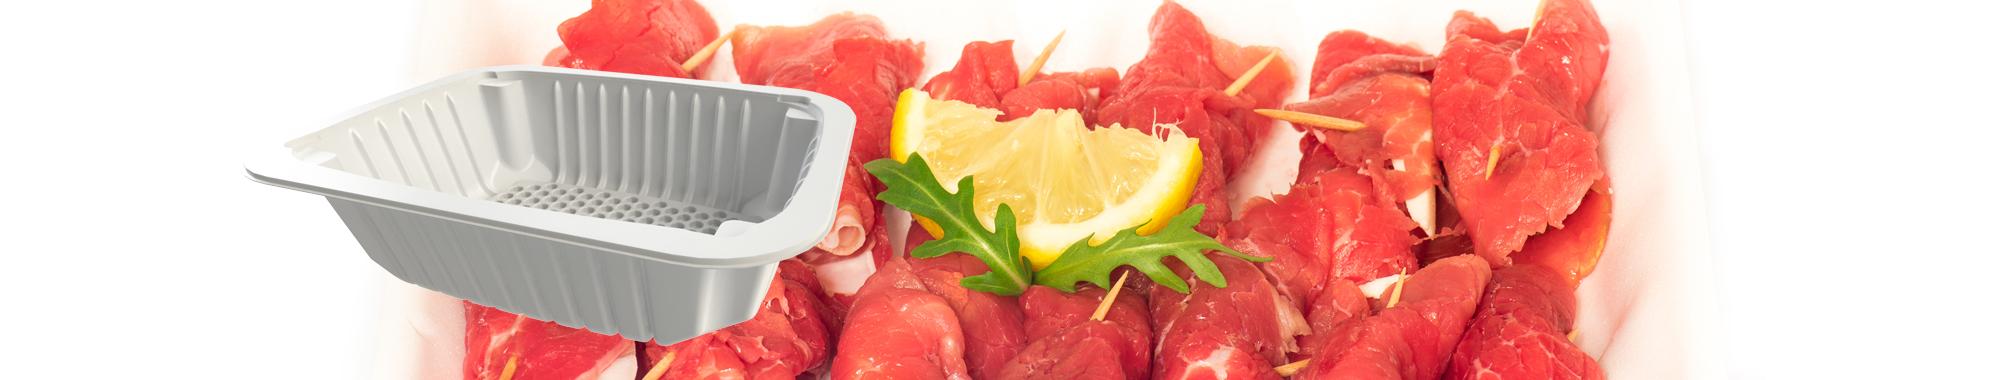 dexterMT-header-vleesproducten-vleestray